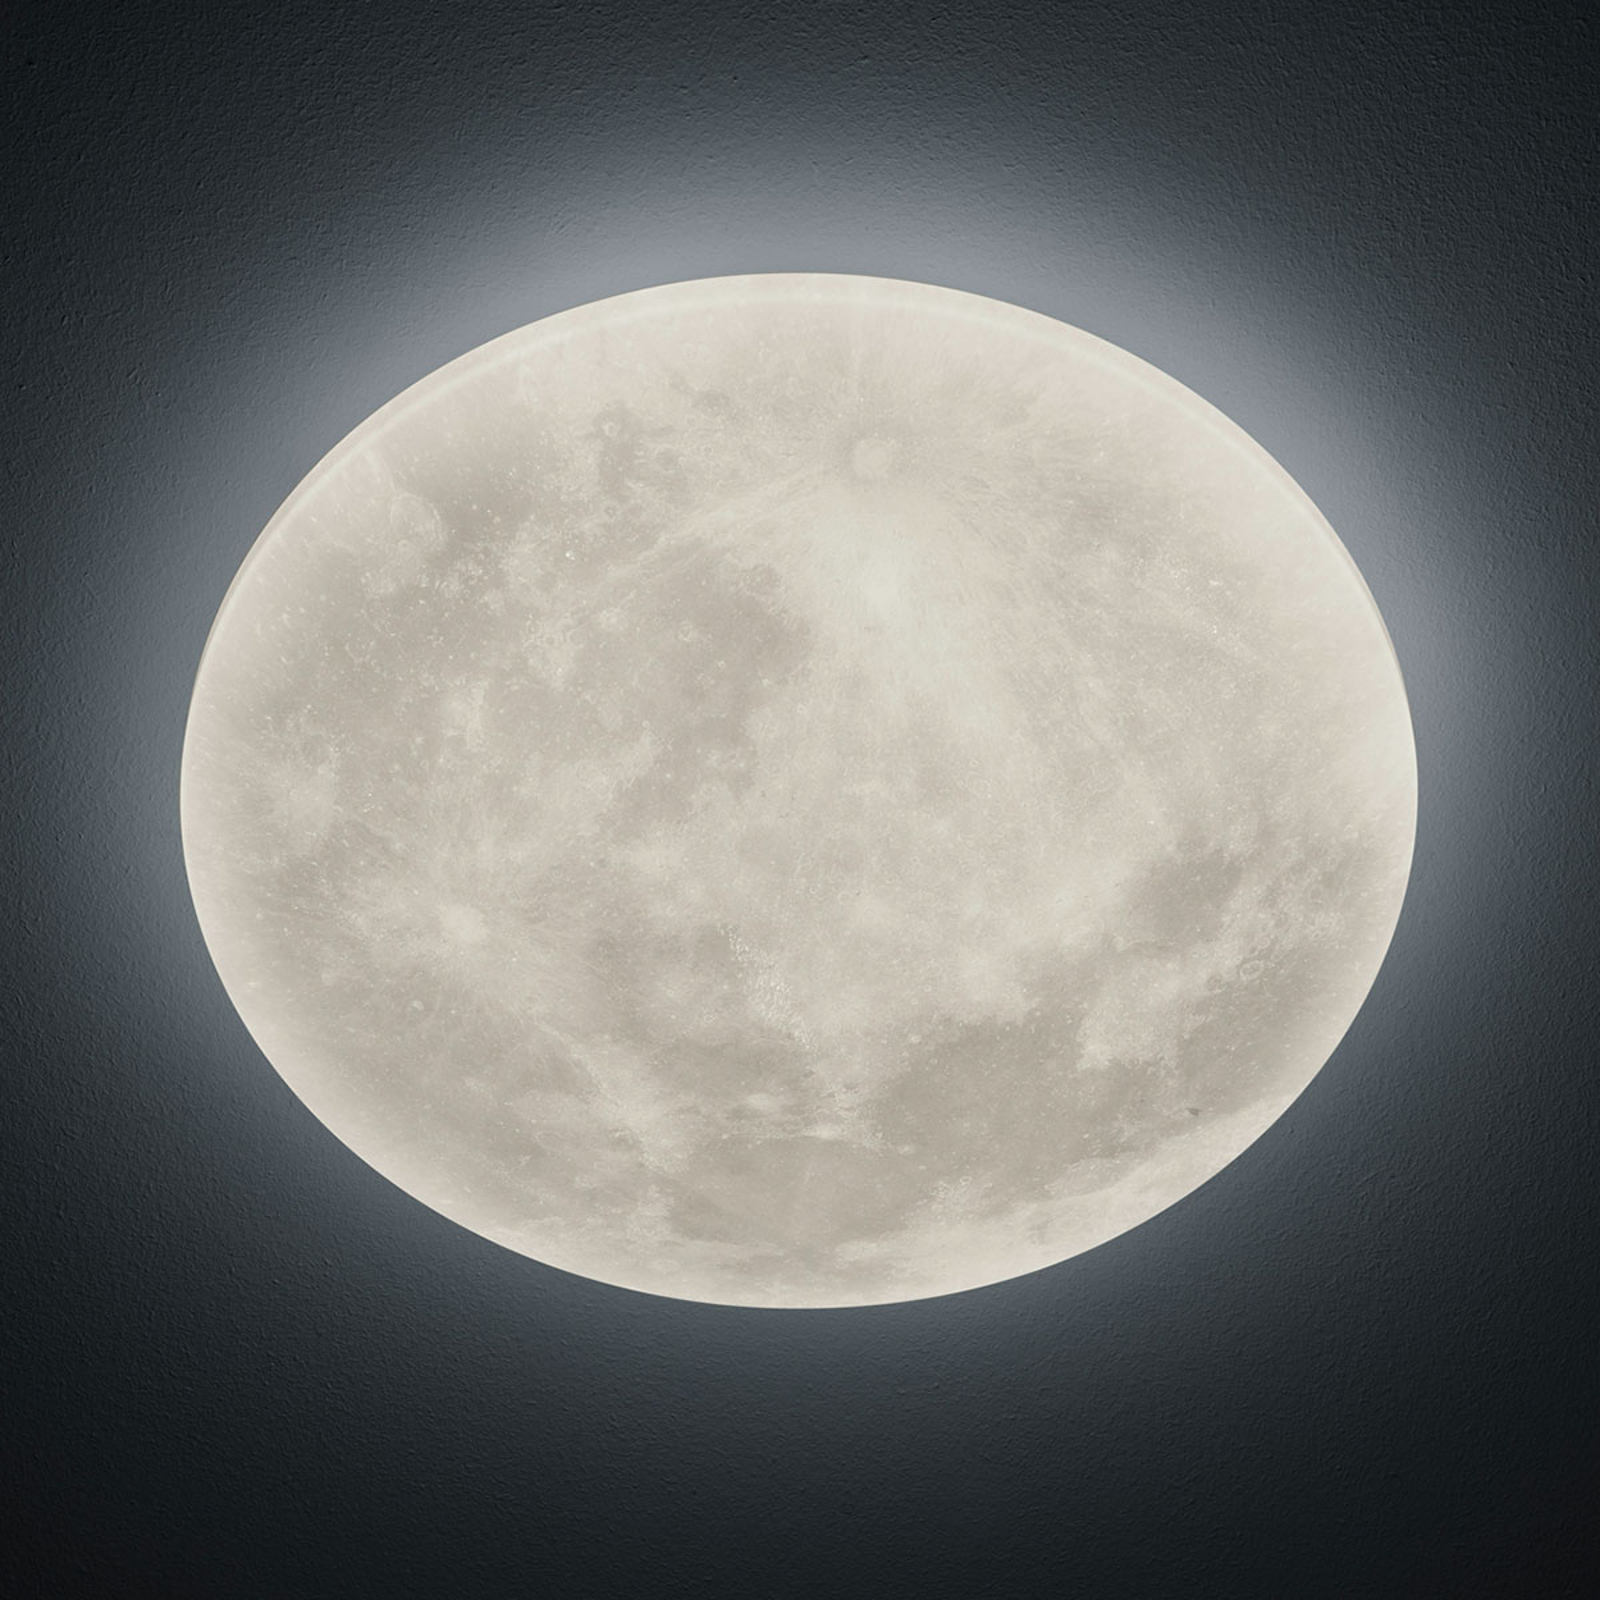 LED stropní svítidlo Lunar s ovladačem 40cm